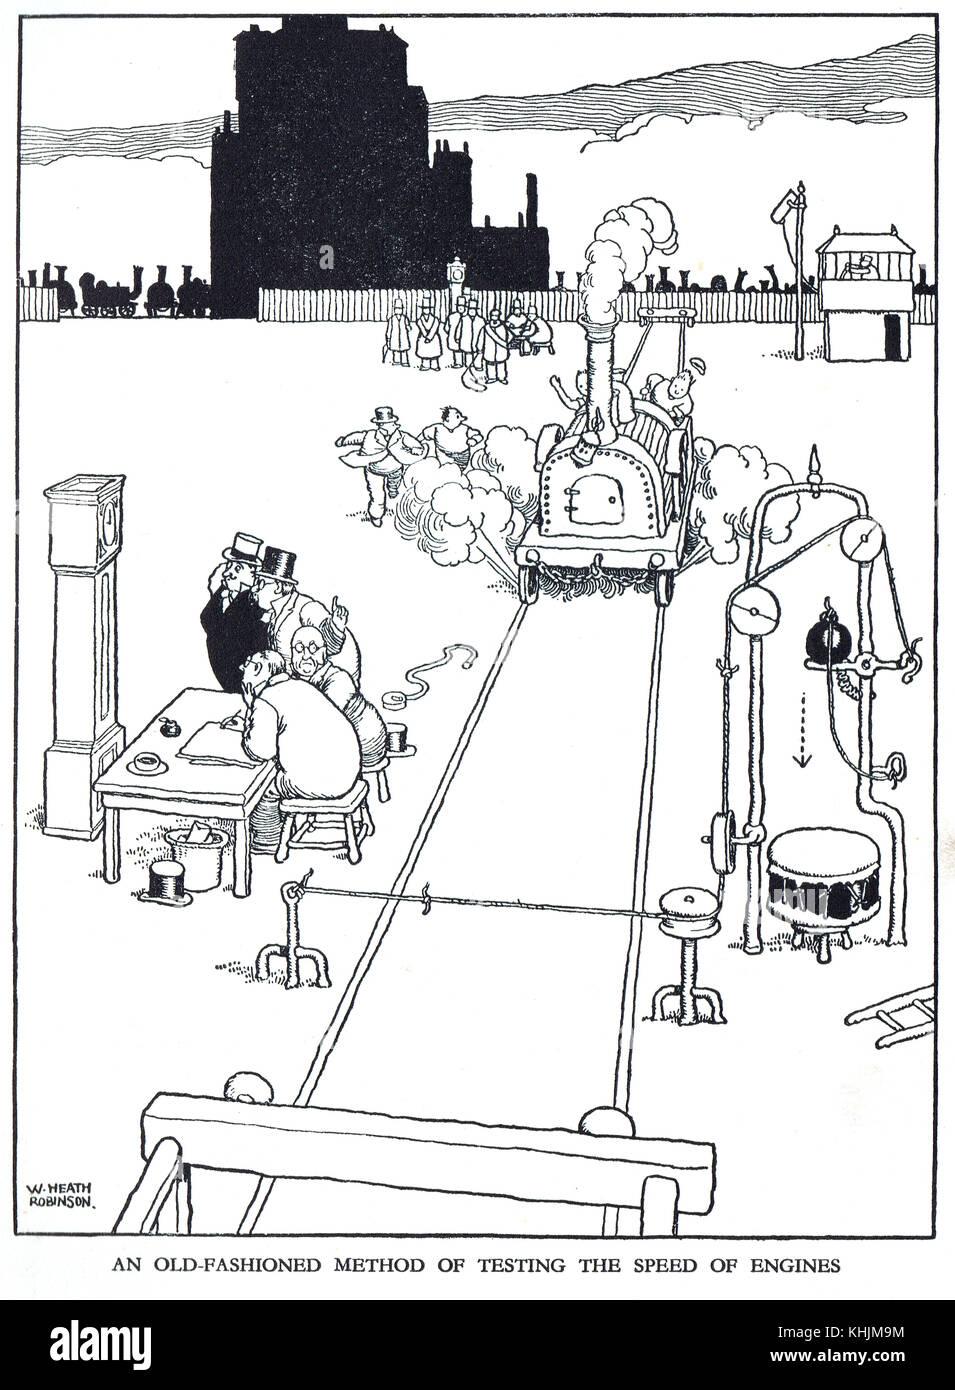 Altmodische Methode der Prüfung der Drehzahl von Motoren, Karikatur von William Heath Robinson Stockbild